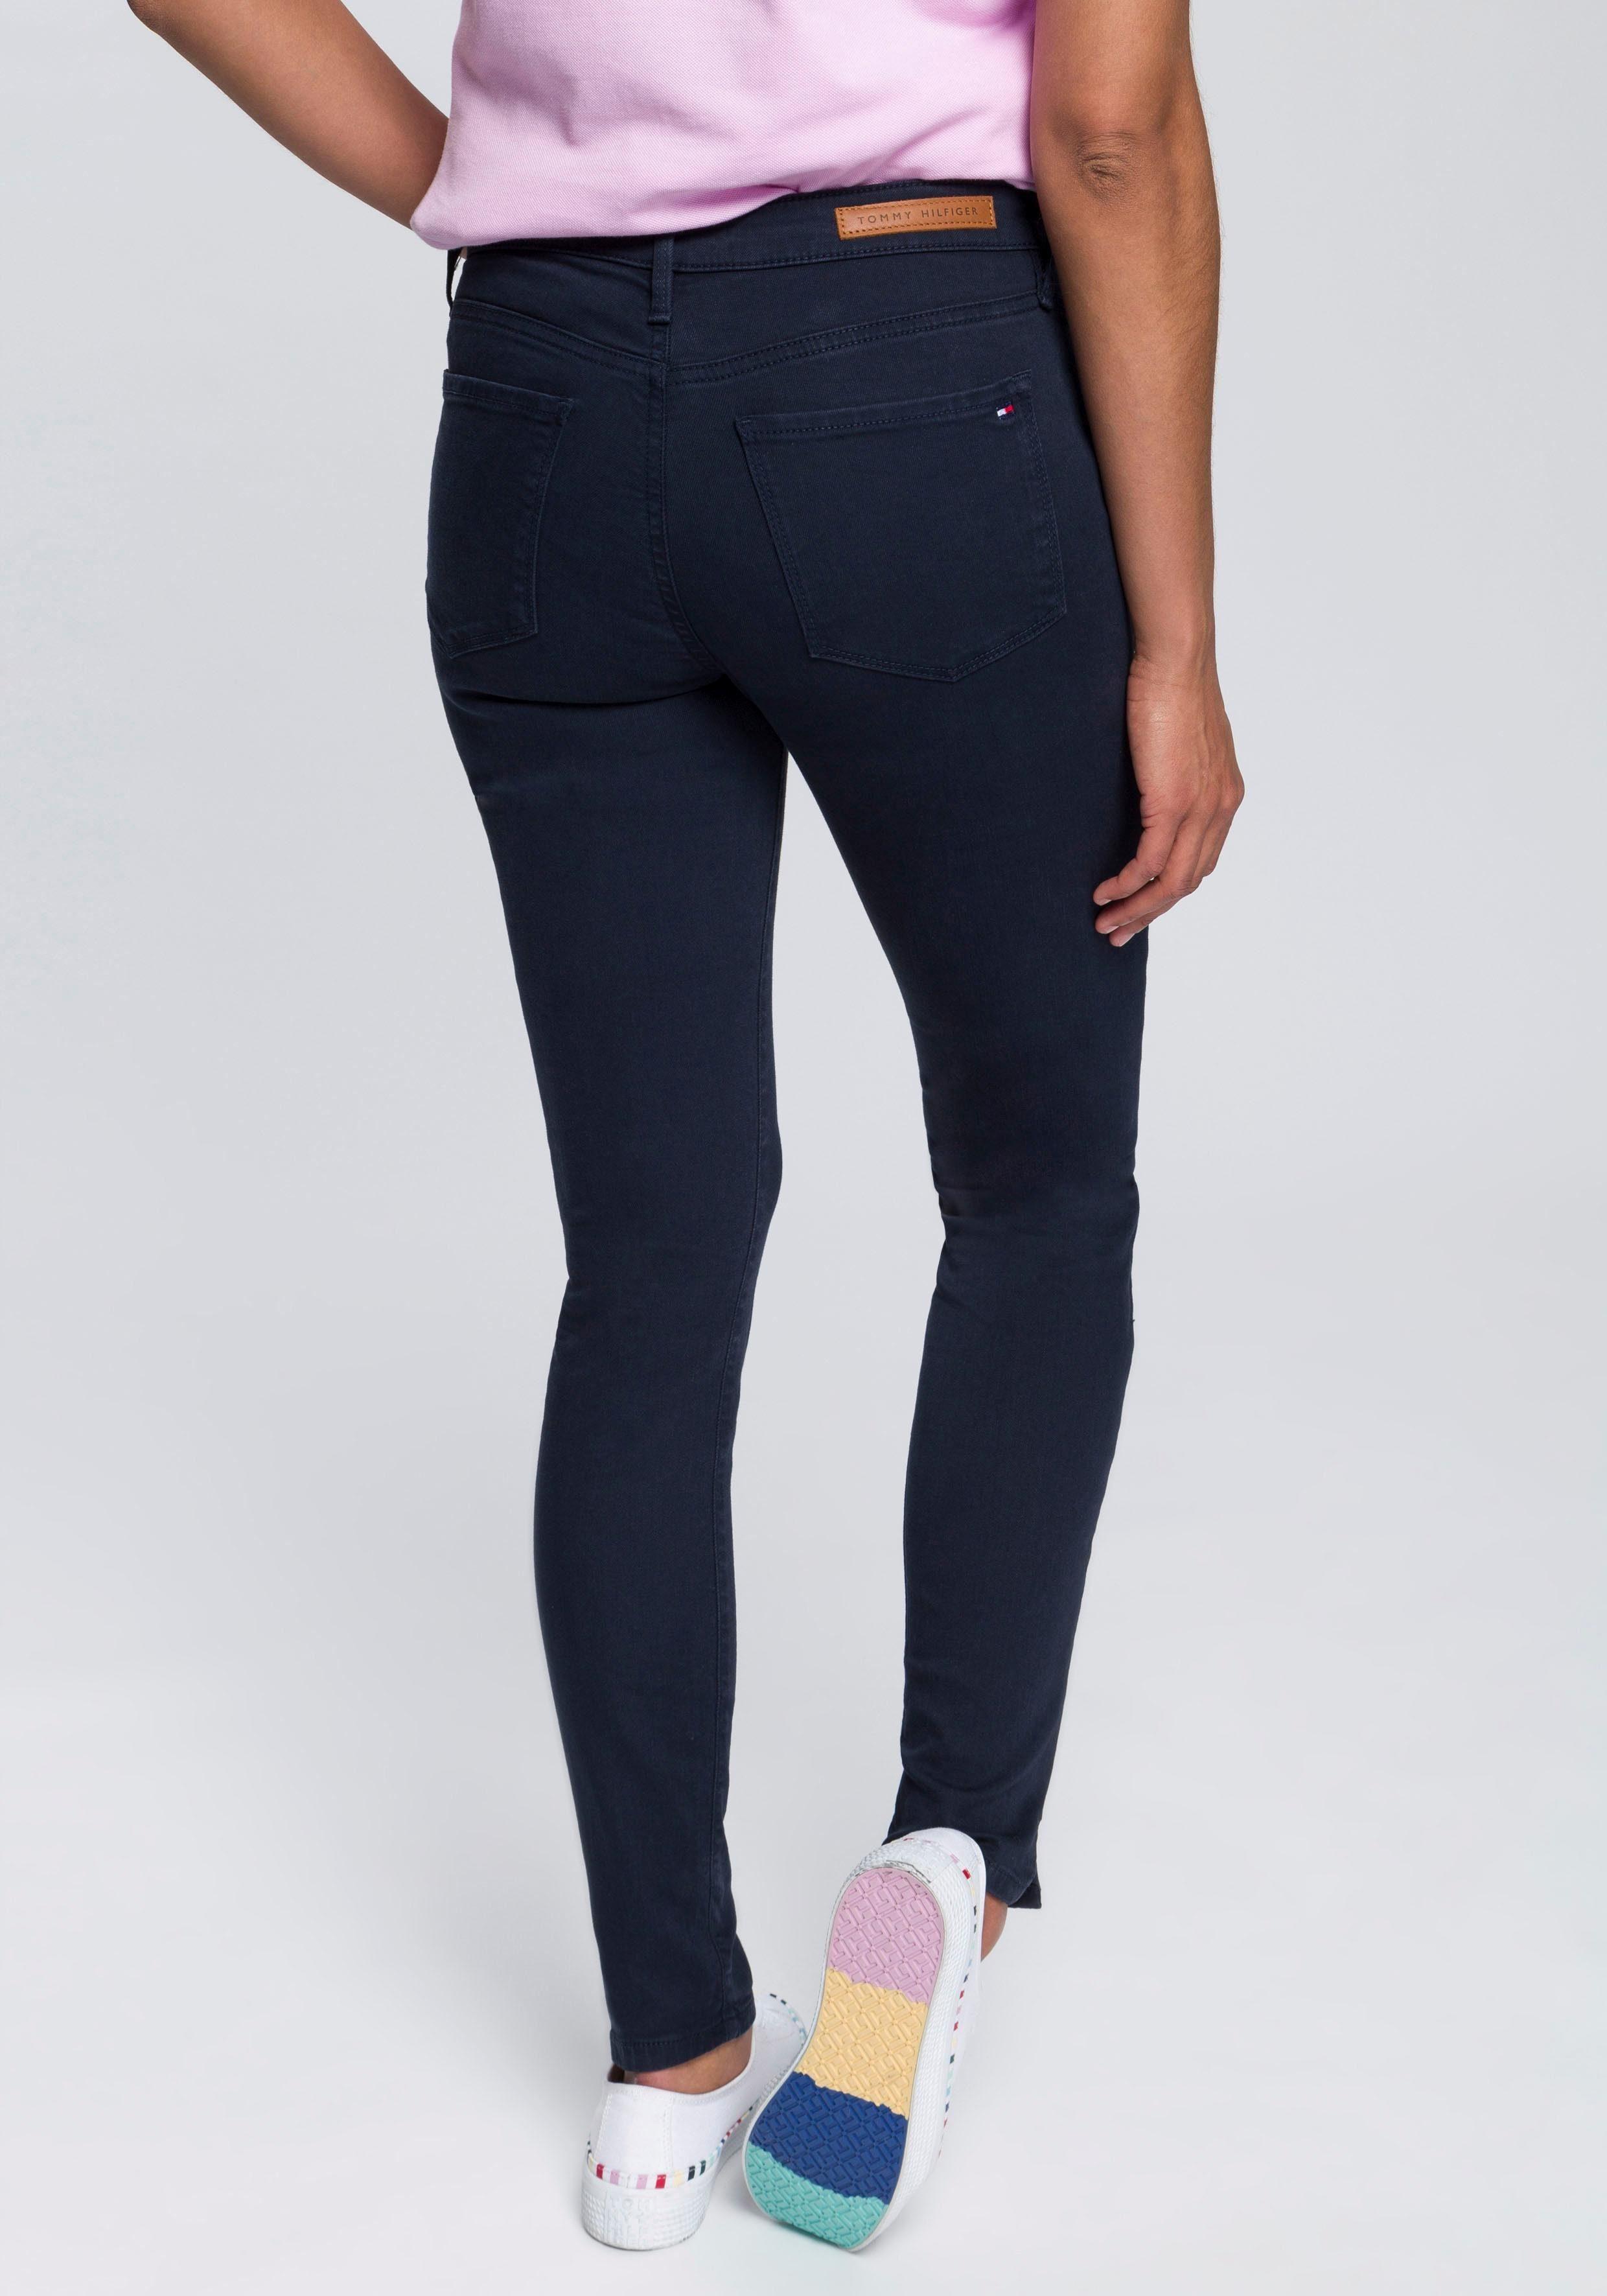 TOMMY HILFIGER Skinny-fit-Jeans »Como« mit kurzen Saumschlitzen